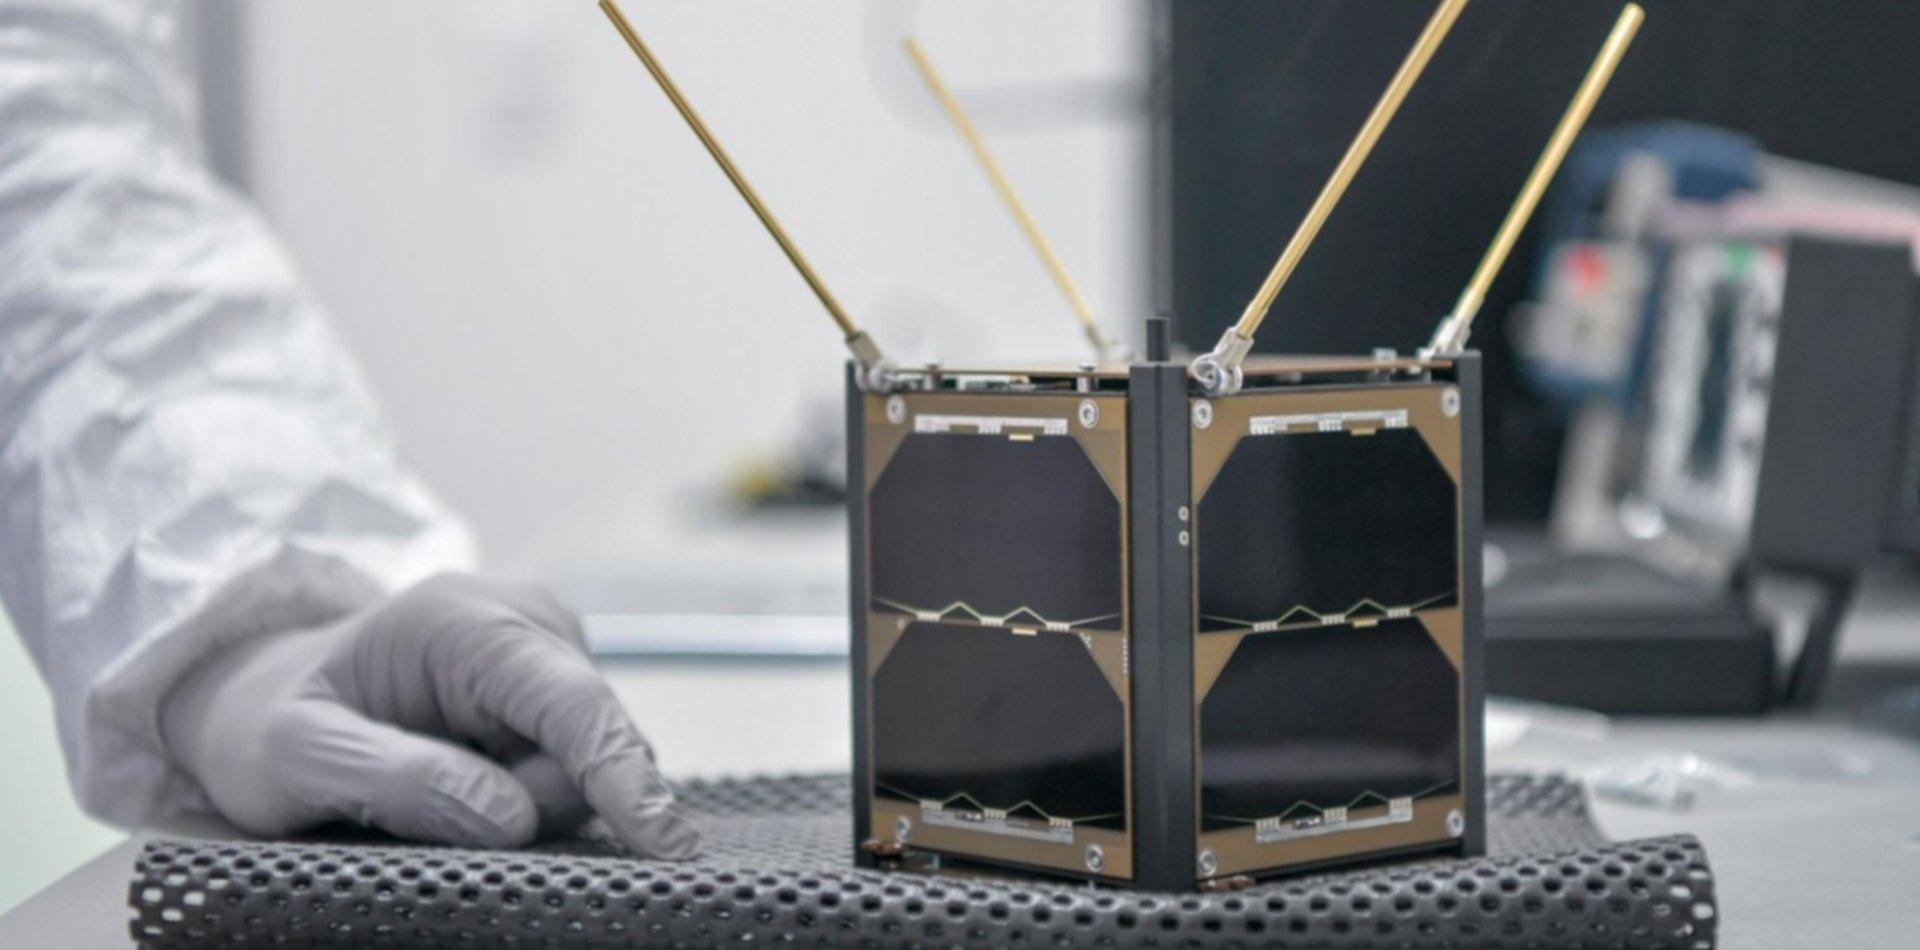 Pequeños, livianos y tecnológicos: ¿cómo son los nanosatélites que lanzará la UNLP?